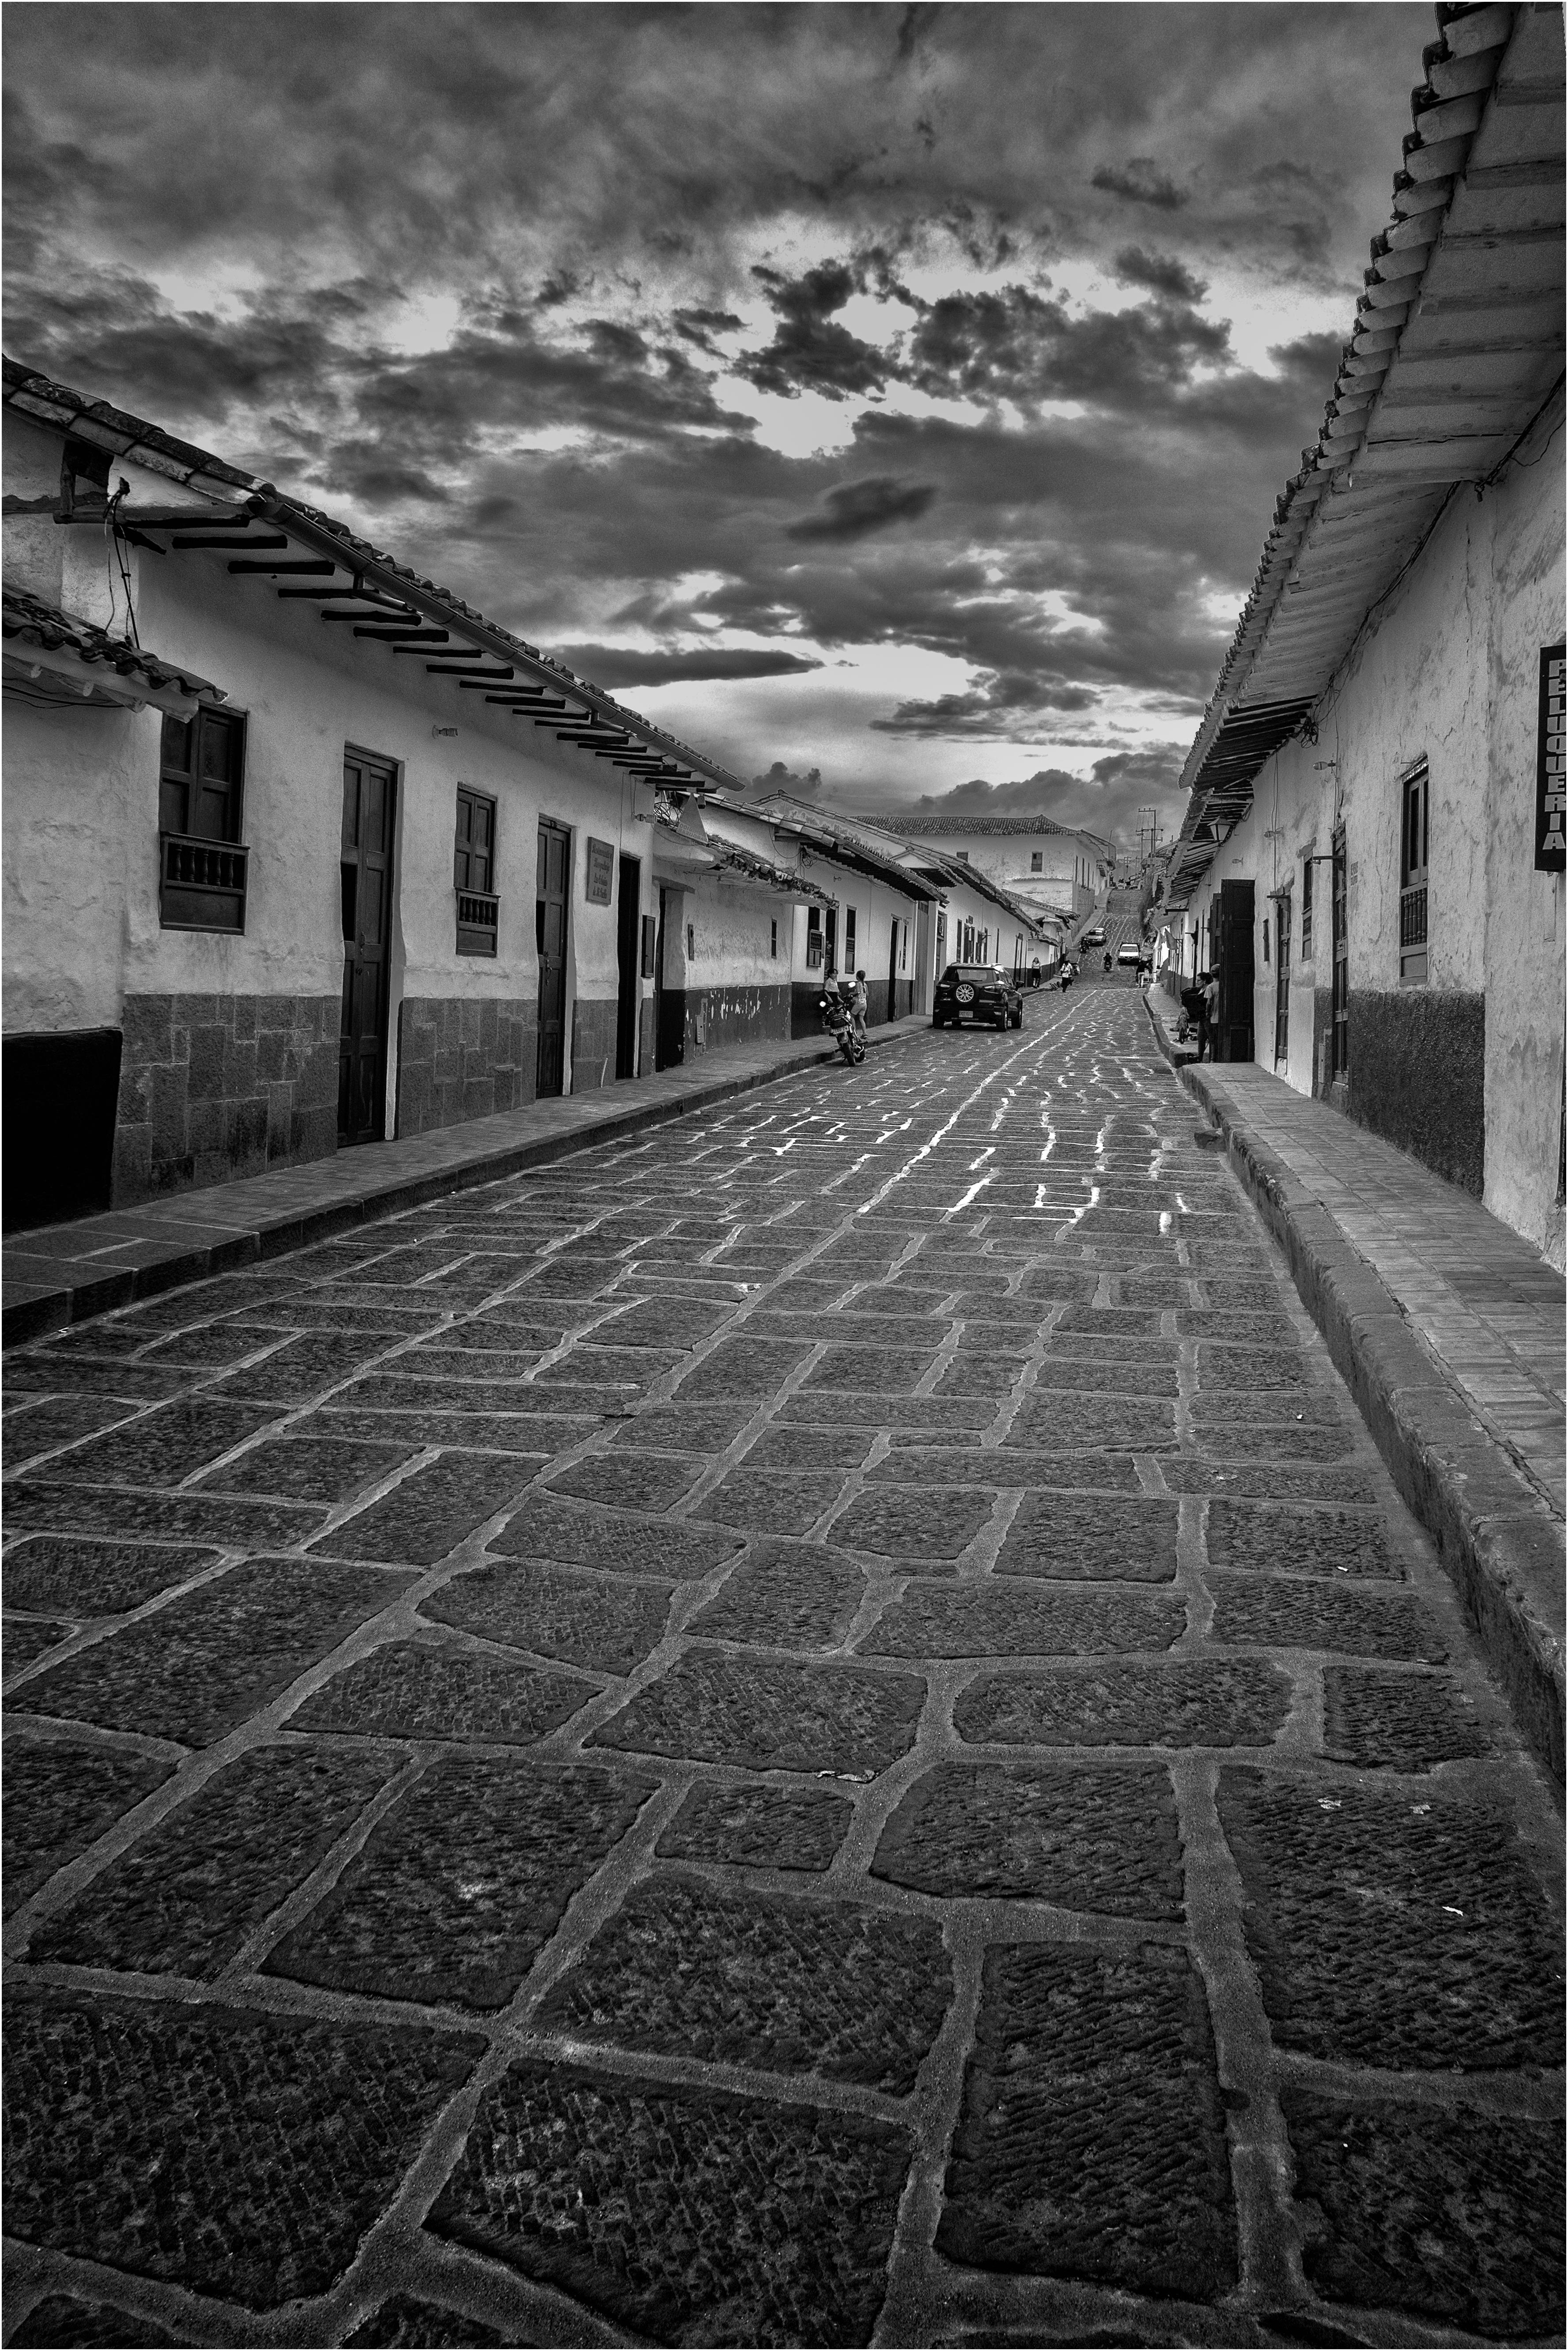 La calle baja de Barichara, Santander, Colombia. Octubre 2017